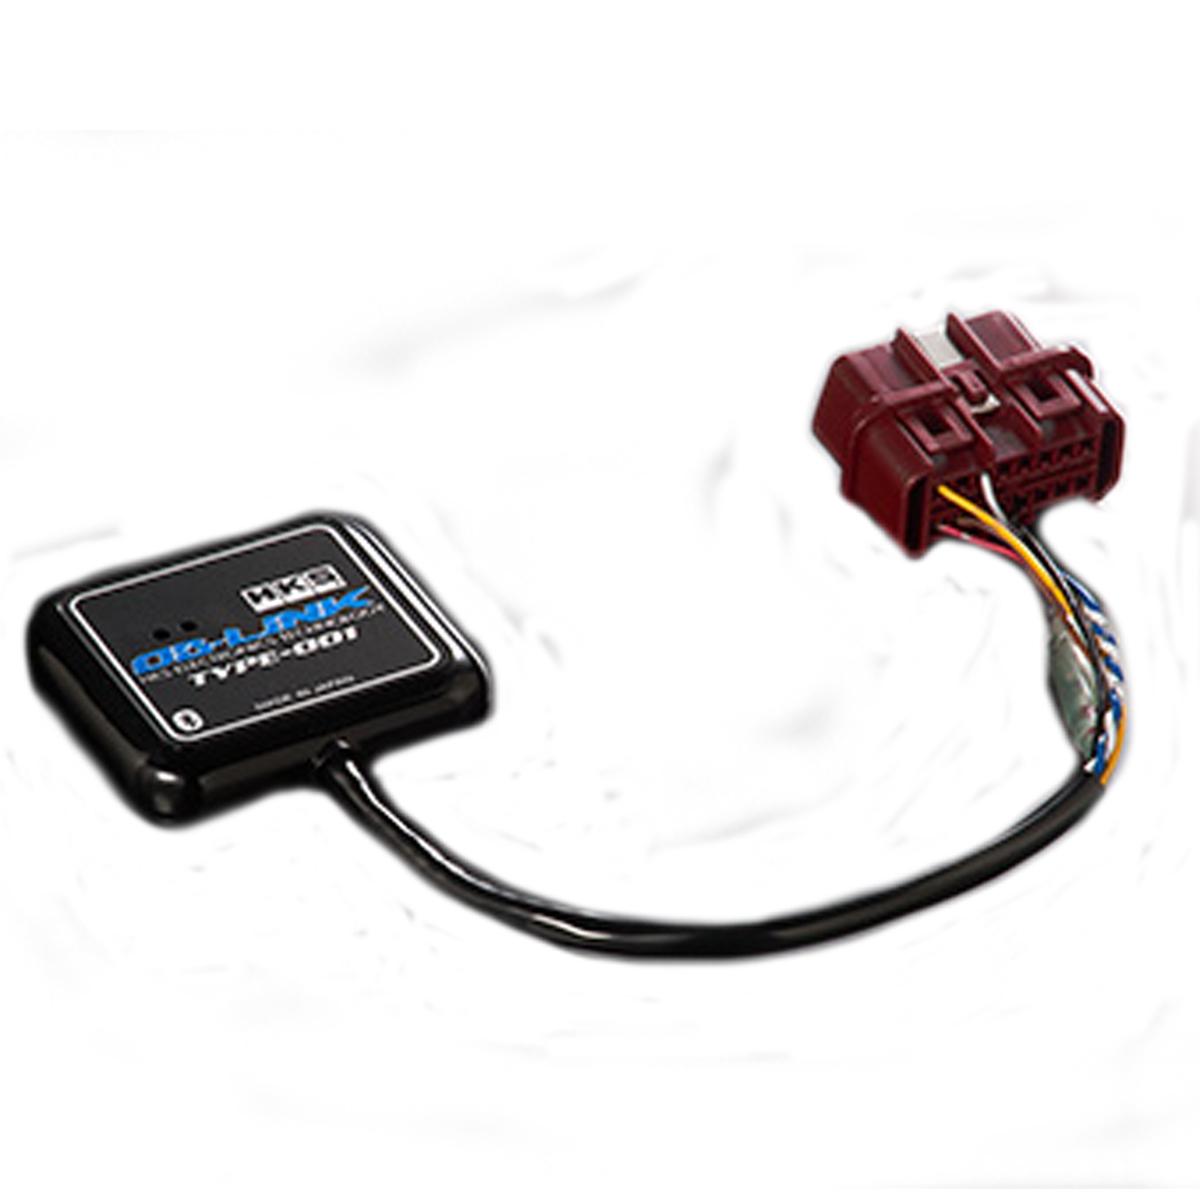 マーク X ジオ モニター OBリンク タイプ 001 ANA10/15 HKS 44009-AK002 エレクトリニクス 個人宅発送追金有